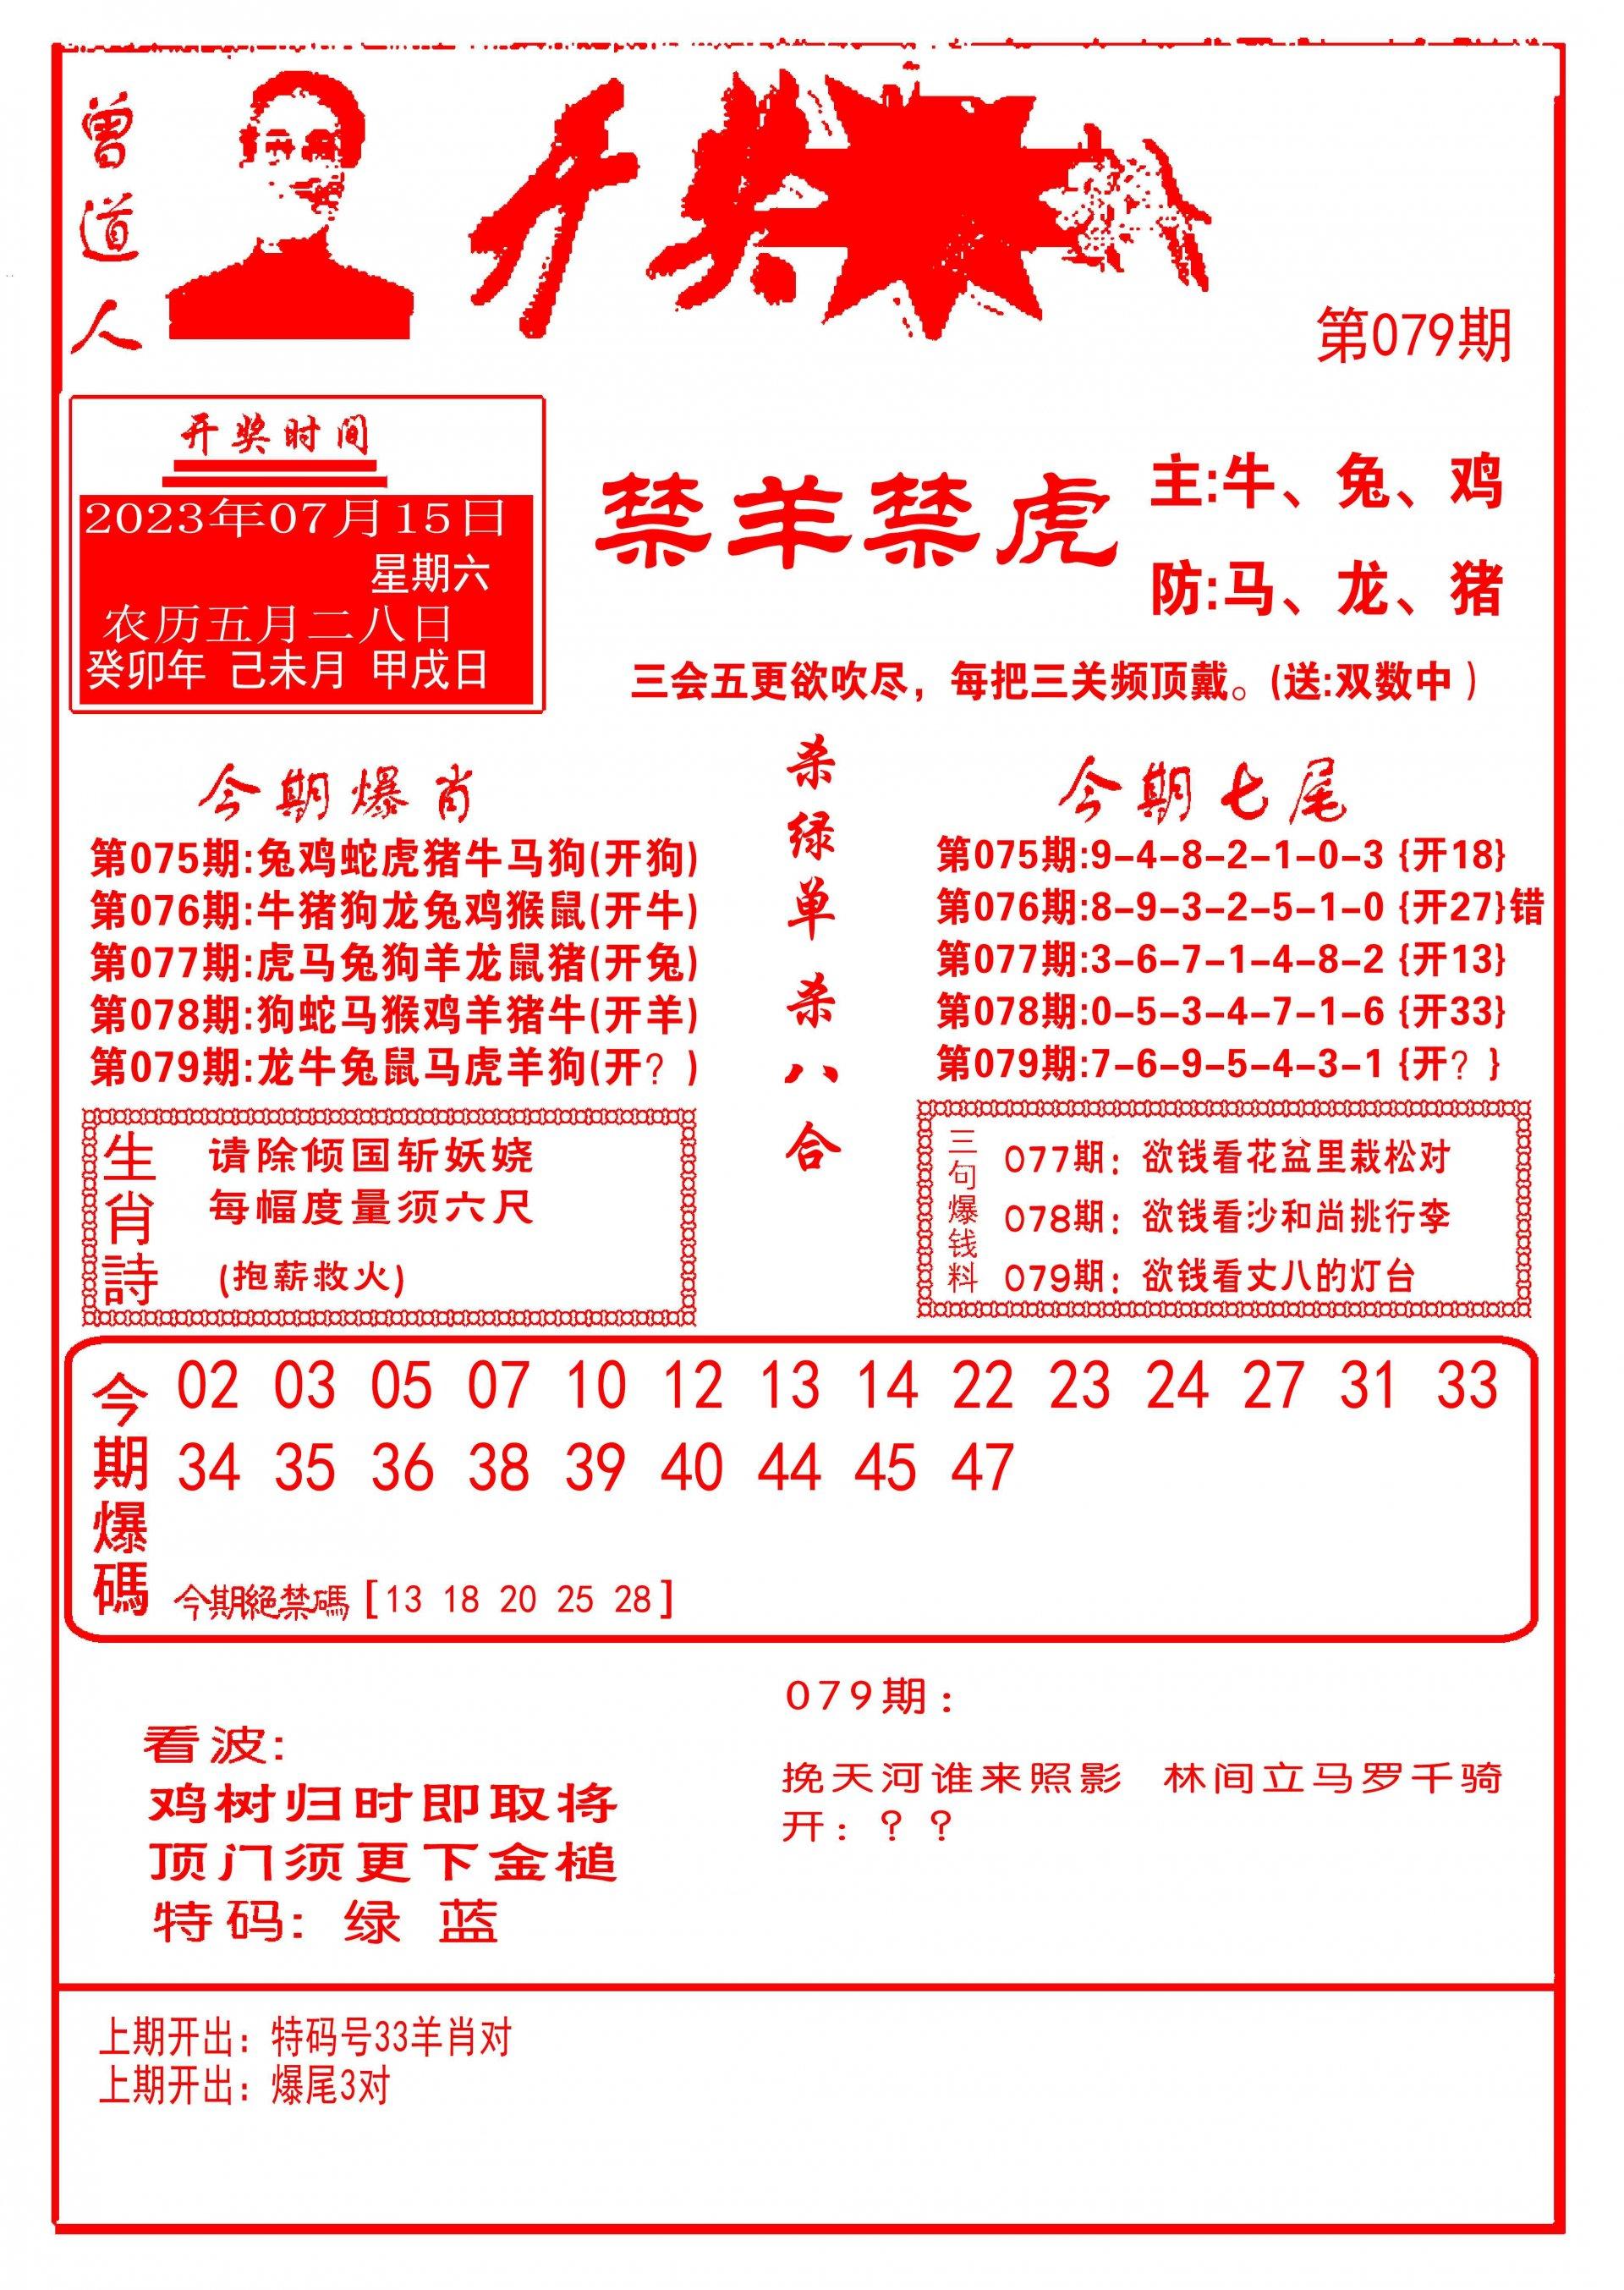 079期开奖爆料(新图推荐)